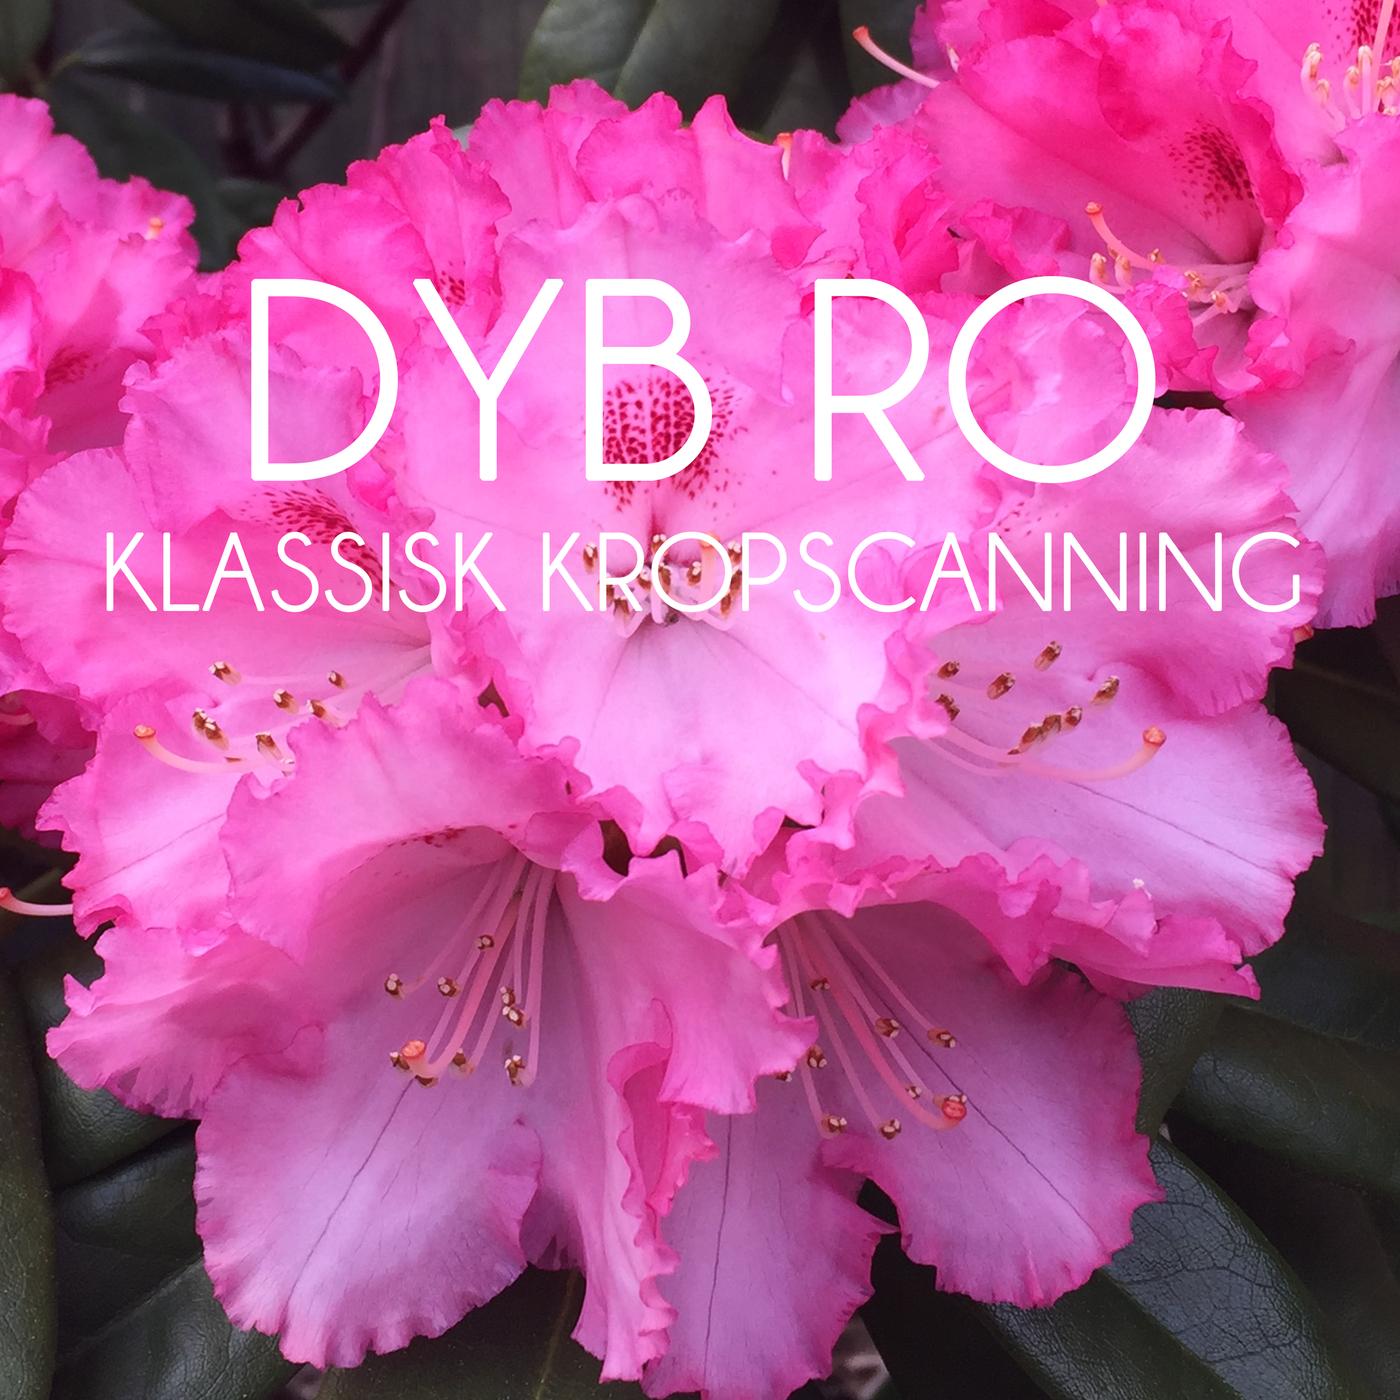 Klassisk Kropscanning - Dyb Ro